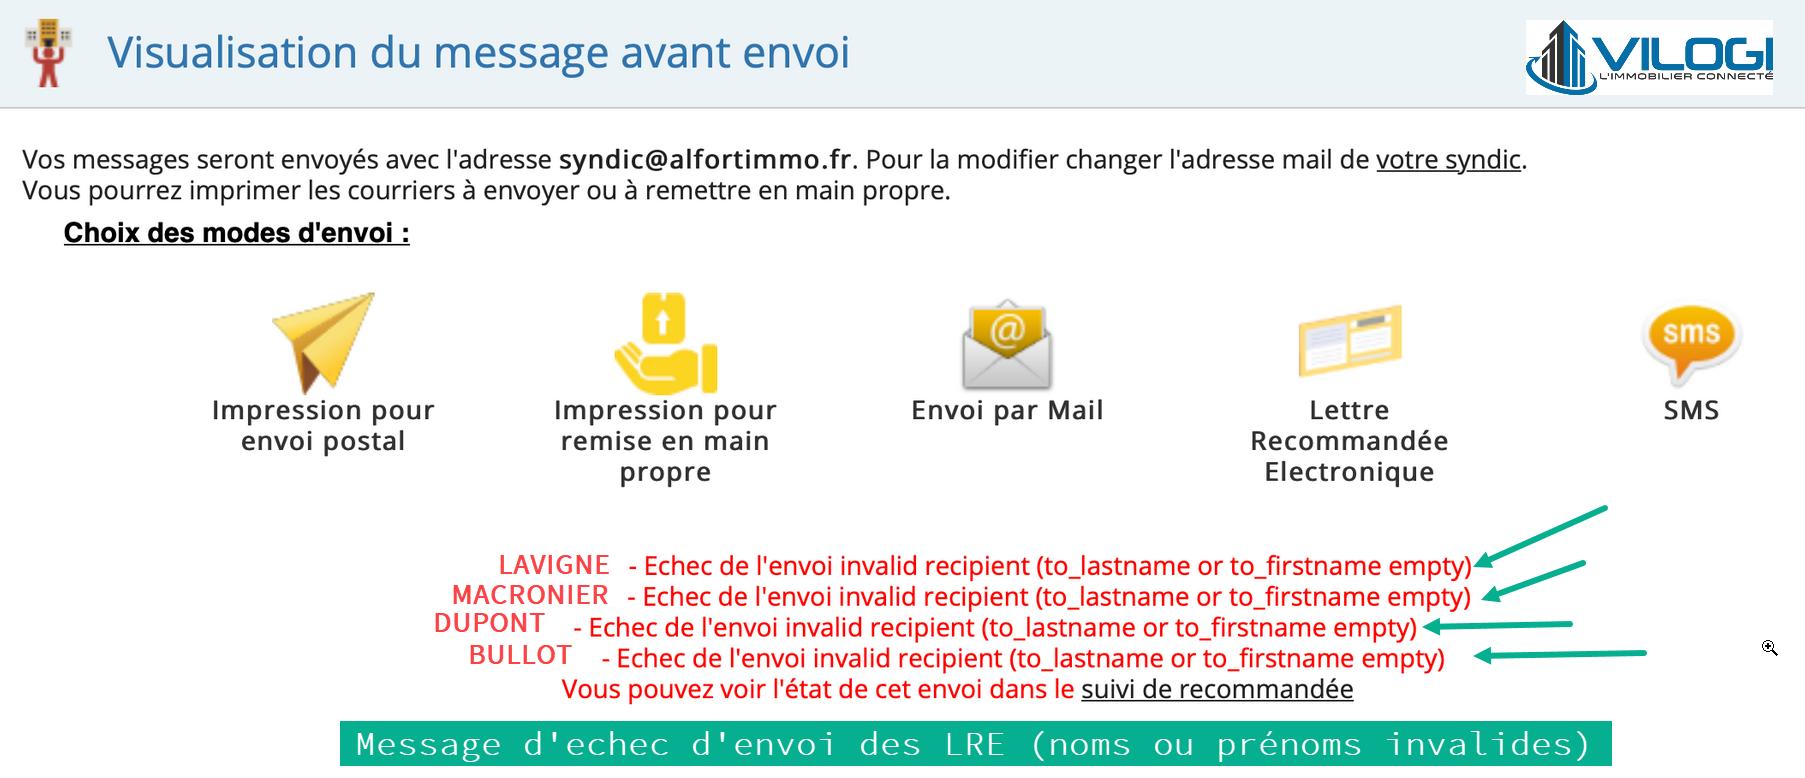 Echec envoi des lettre recommandées électroniques avec le logiciel syndic de copropriété